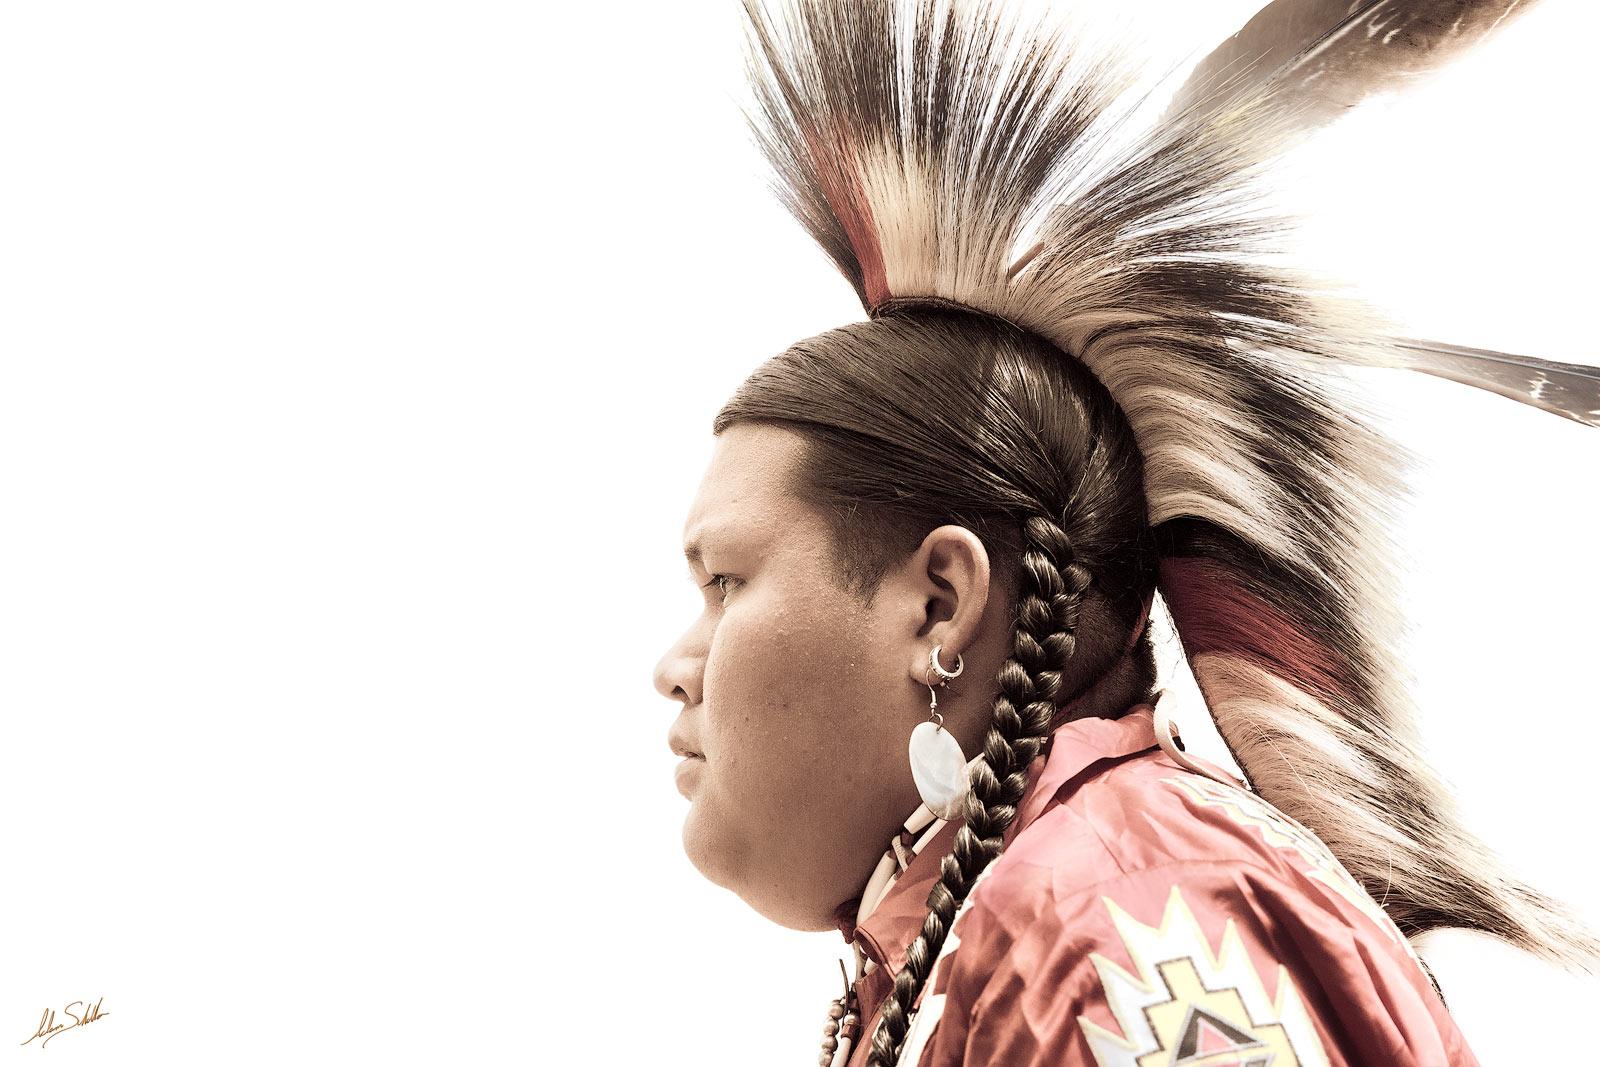 2010, Indian, NM, Native American, New Mexico, Taos Pueblo, USA, pow wow, photo